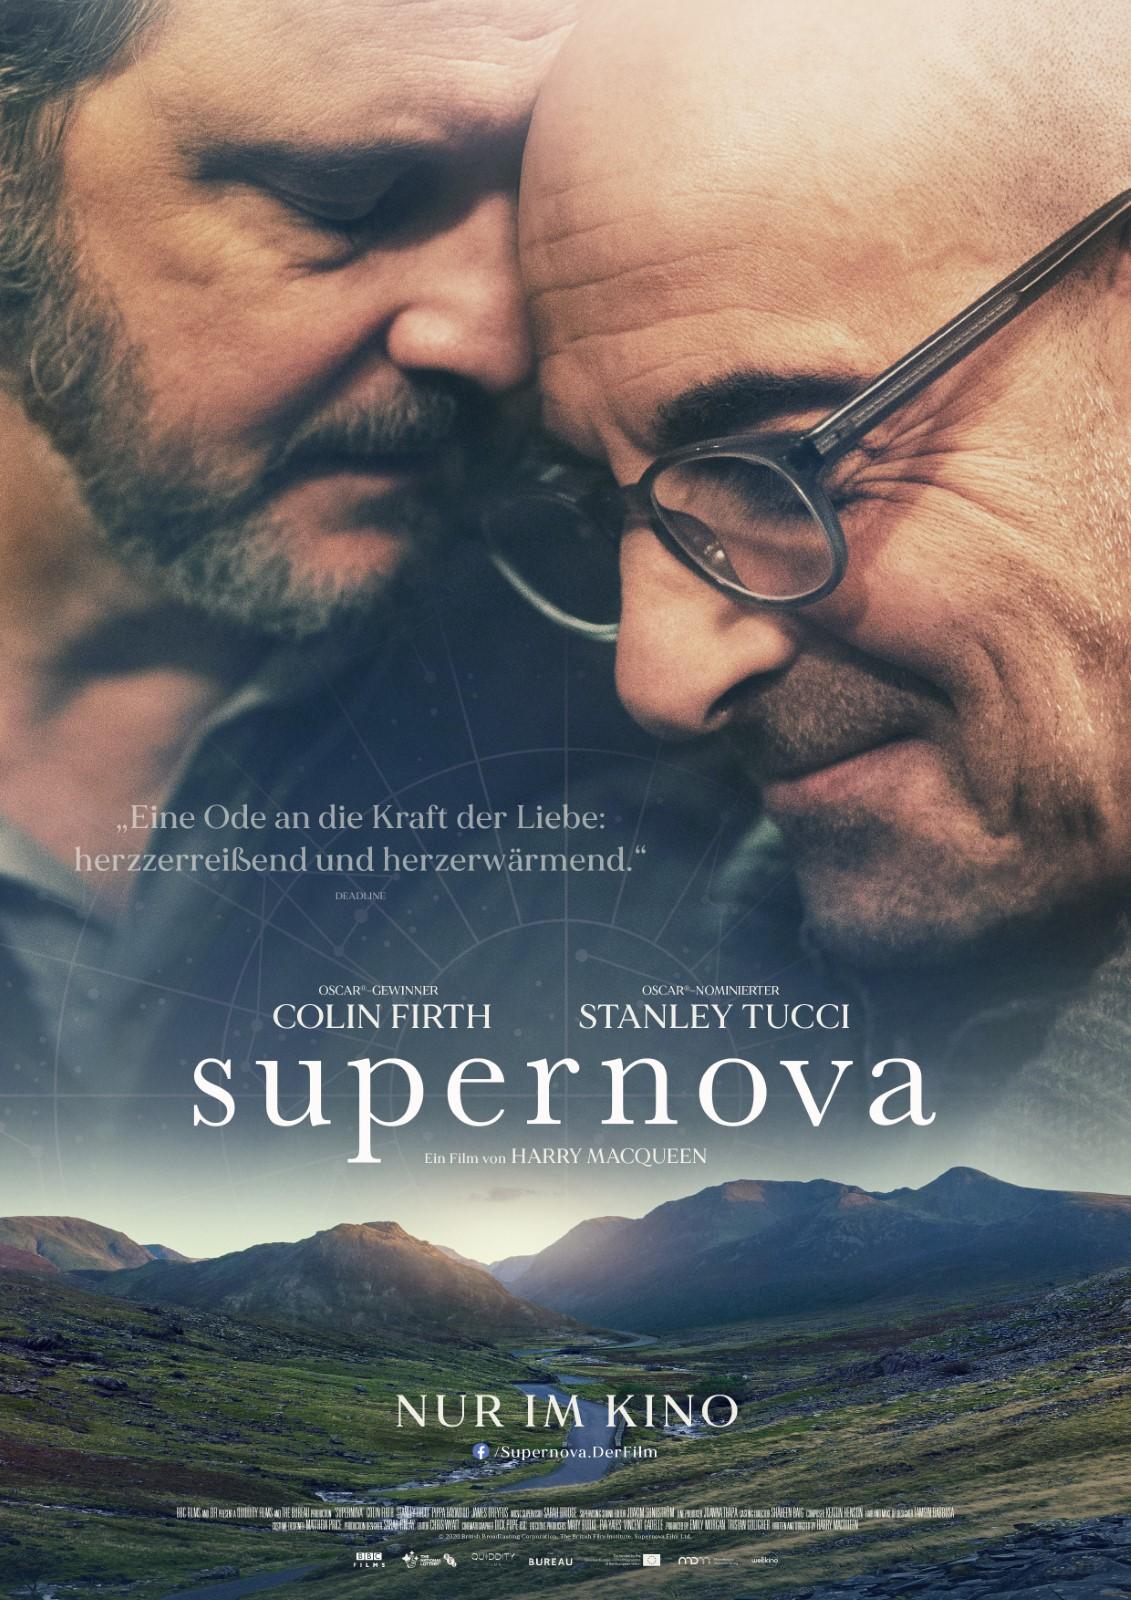 """COLIN FIRTH UND STANLEY TUCCI in """"SUPERNOVA"""""""